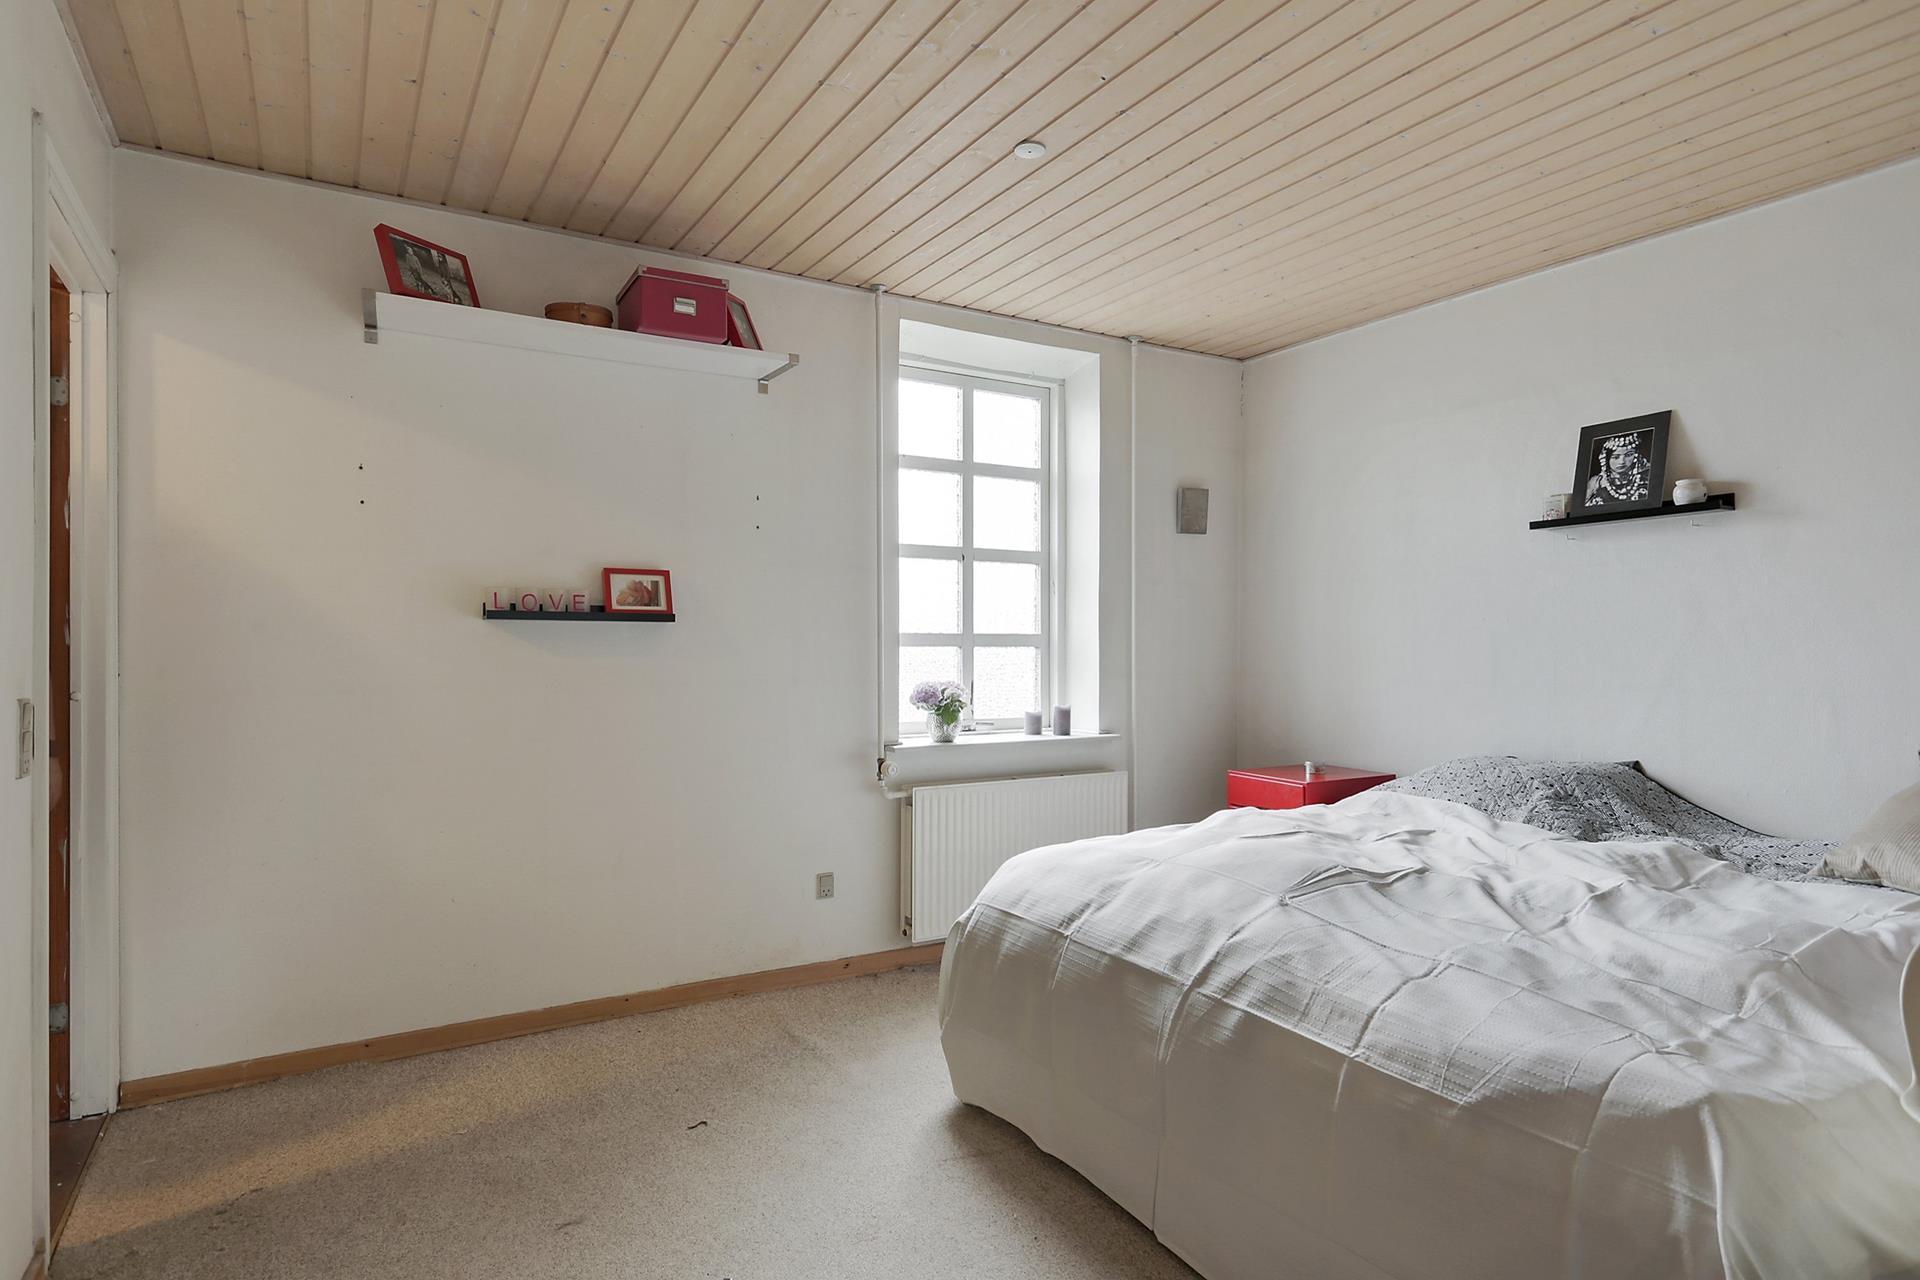 Bolig/erhverv på Ebstrupvej i Silkeborg - Soveværelse